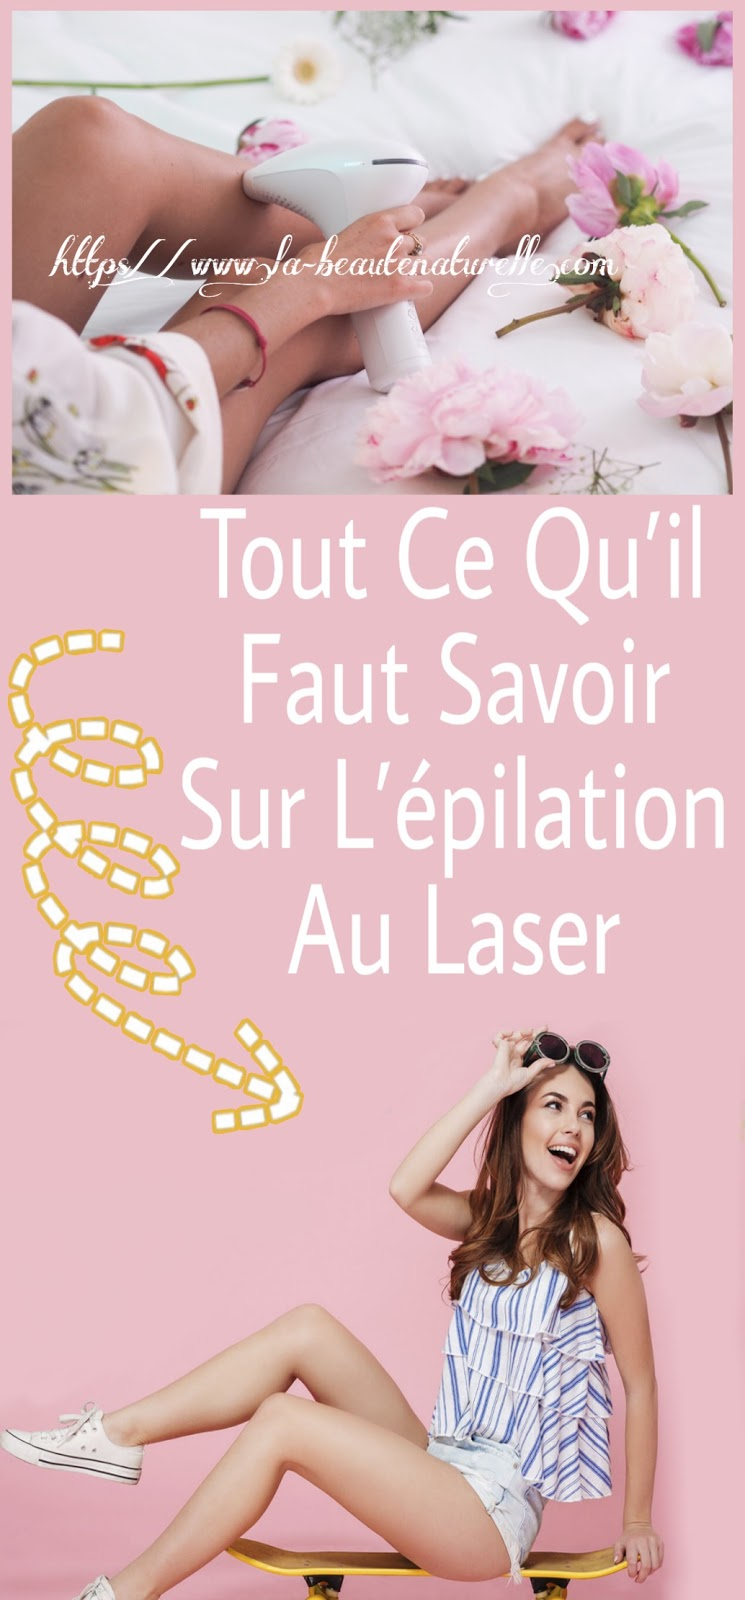 Tout Ce Qu'il Faut Savoir Sur L'épilation Au Laser